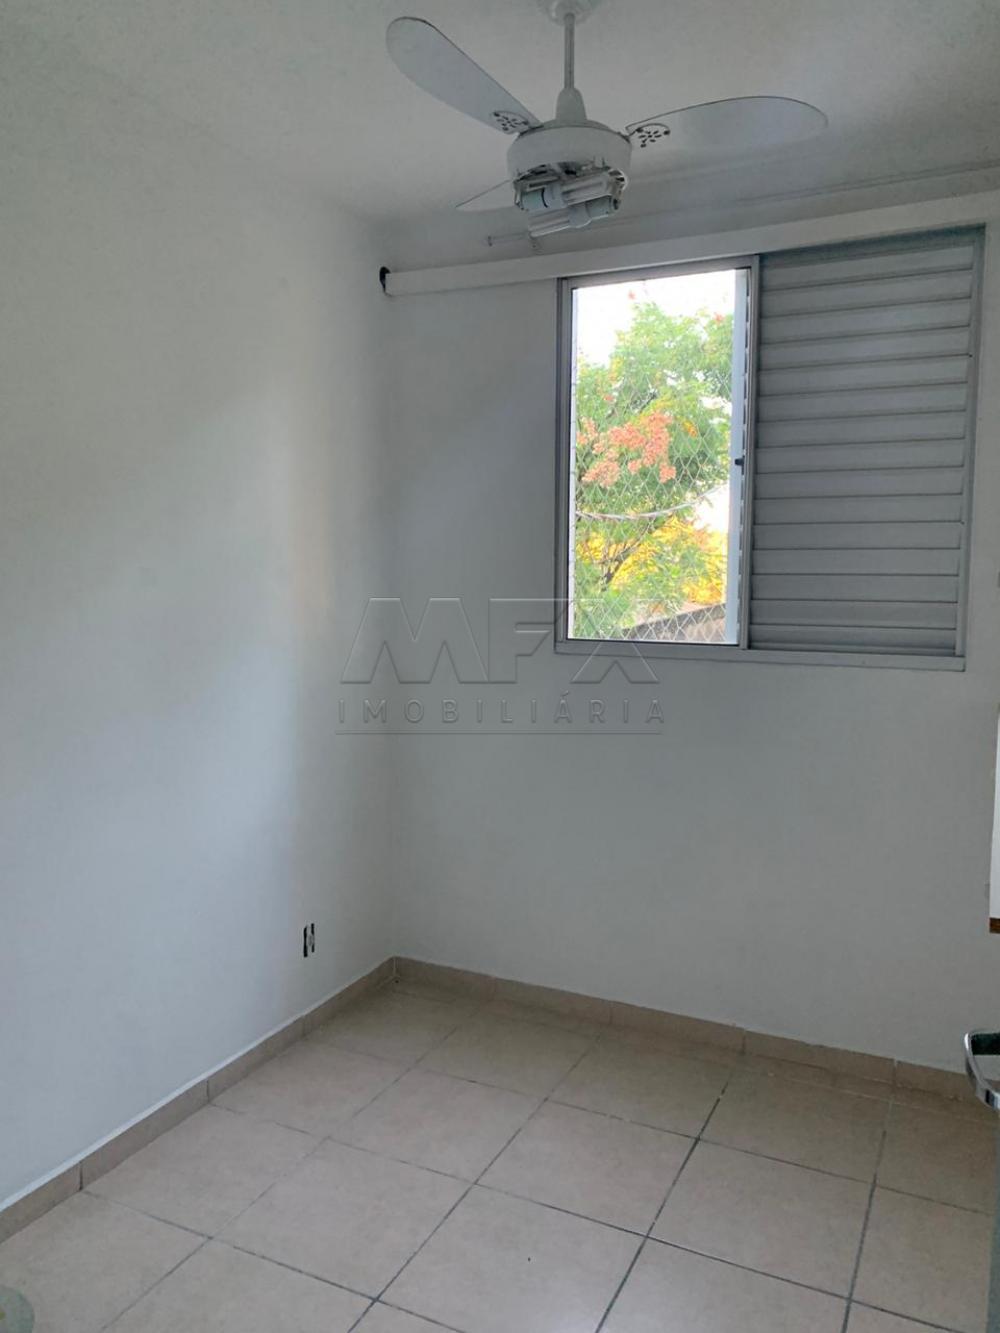 Alugar Apartamento / Padrão em Bauru apenas R$ 850,00 - Foto 5